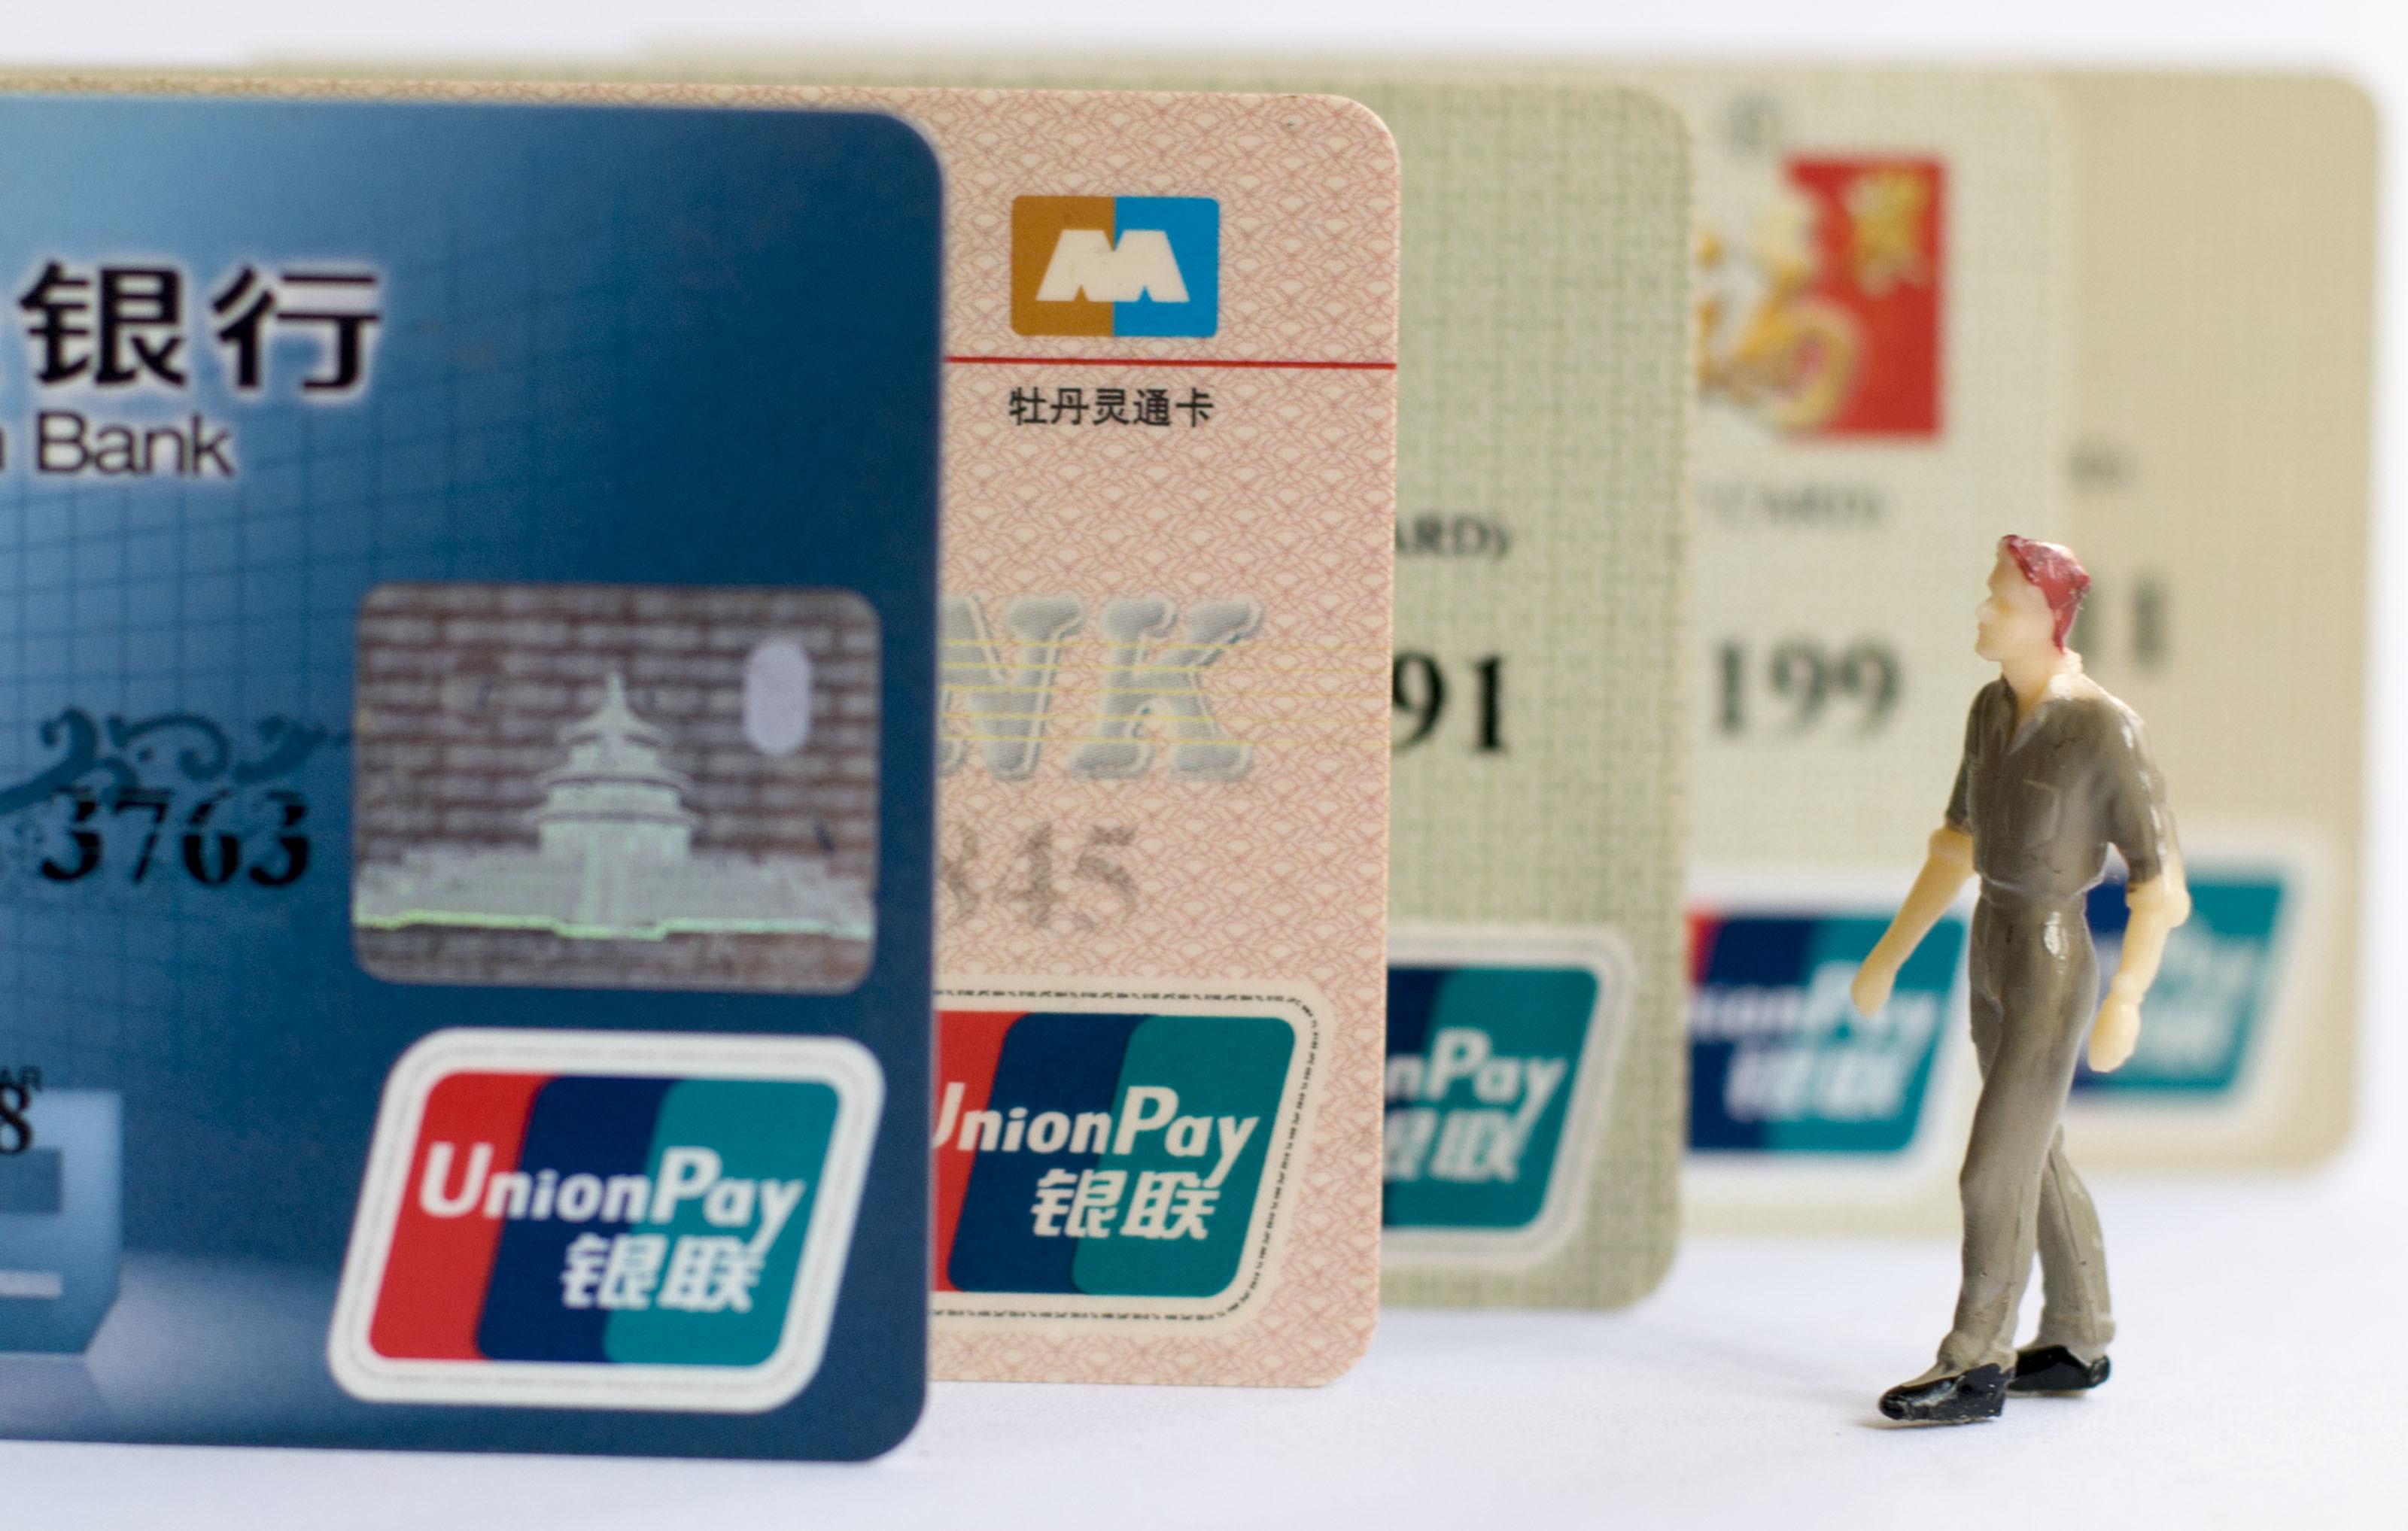 信用卡提额四大安全套路,还没失败过